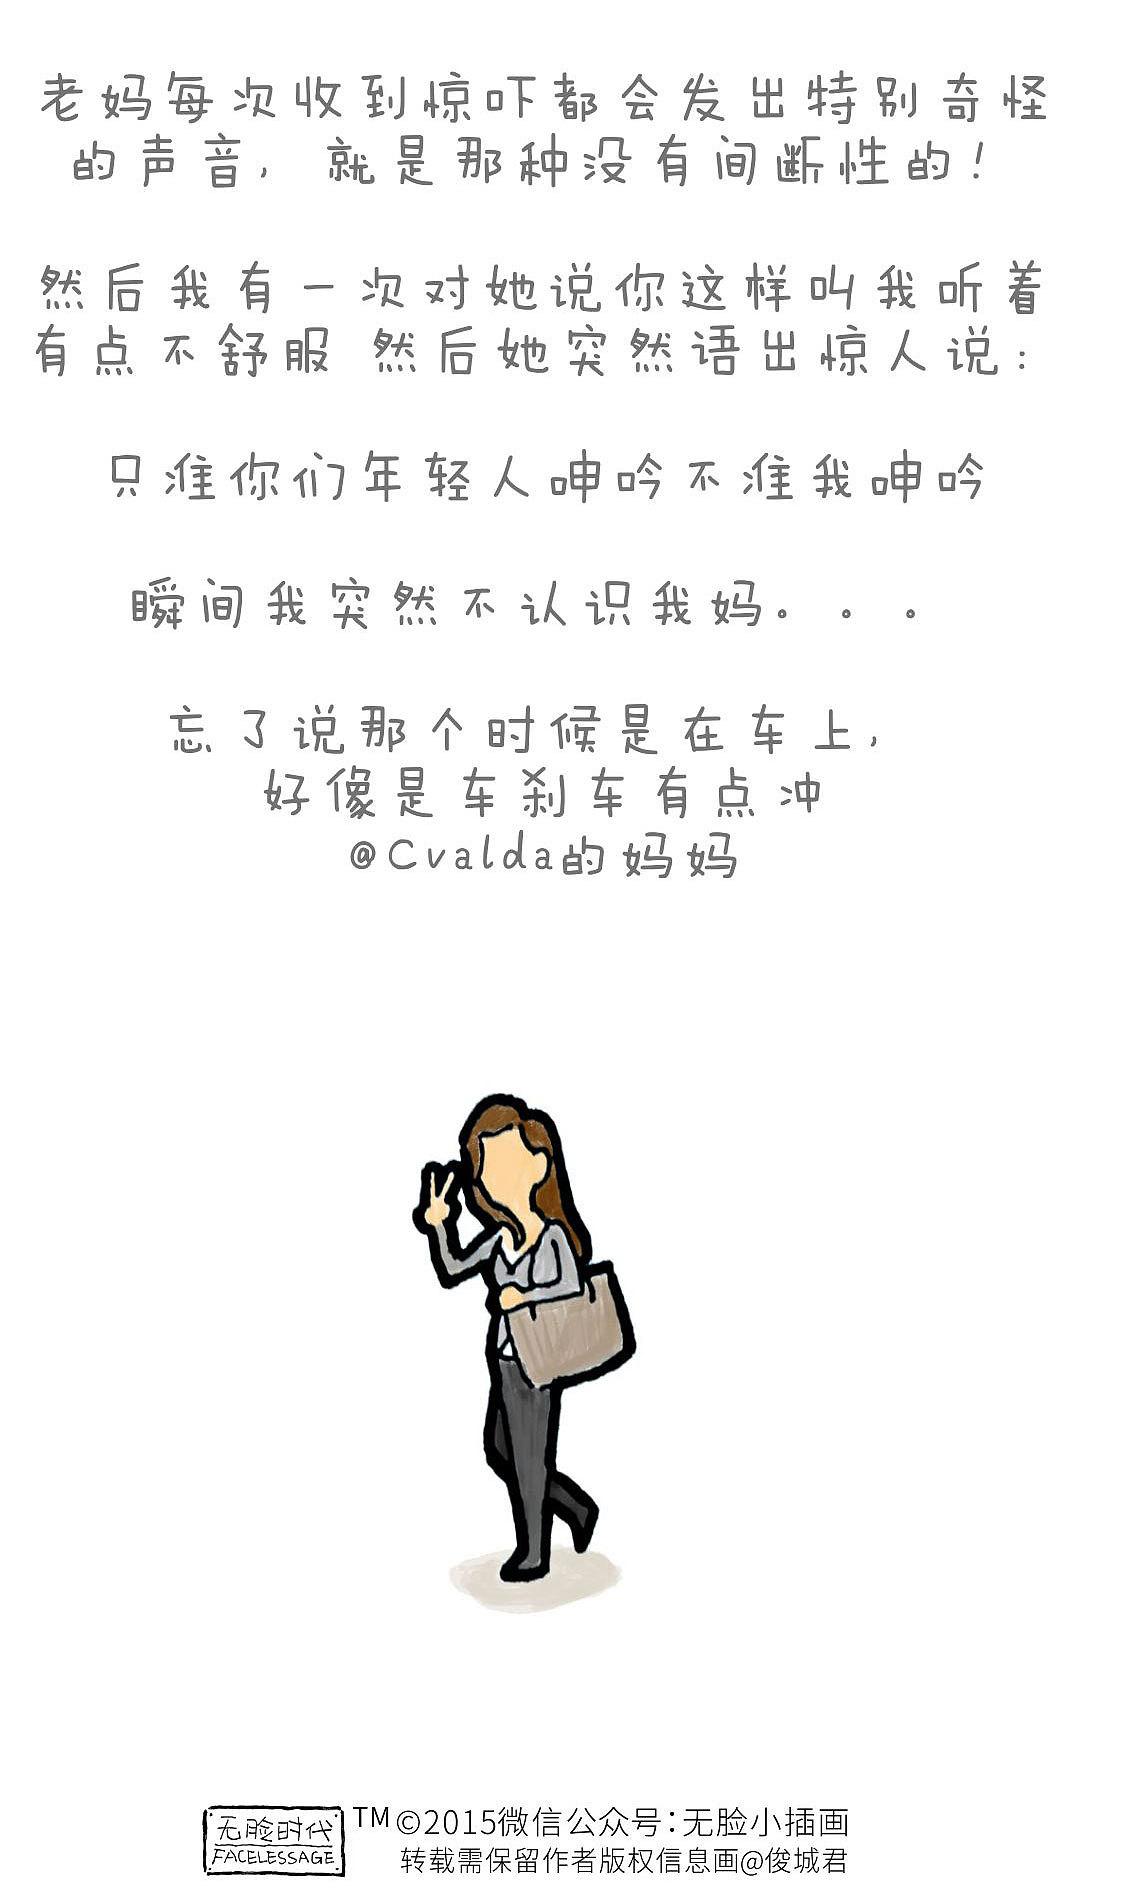 俺物语经典语录 物语系列经典语录